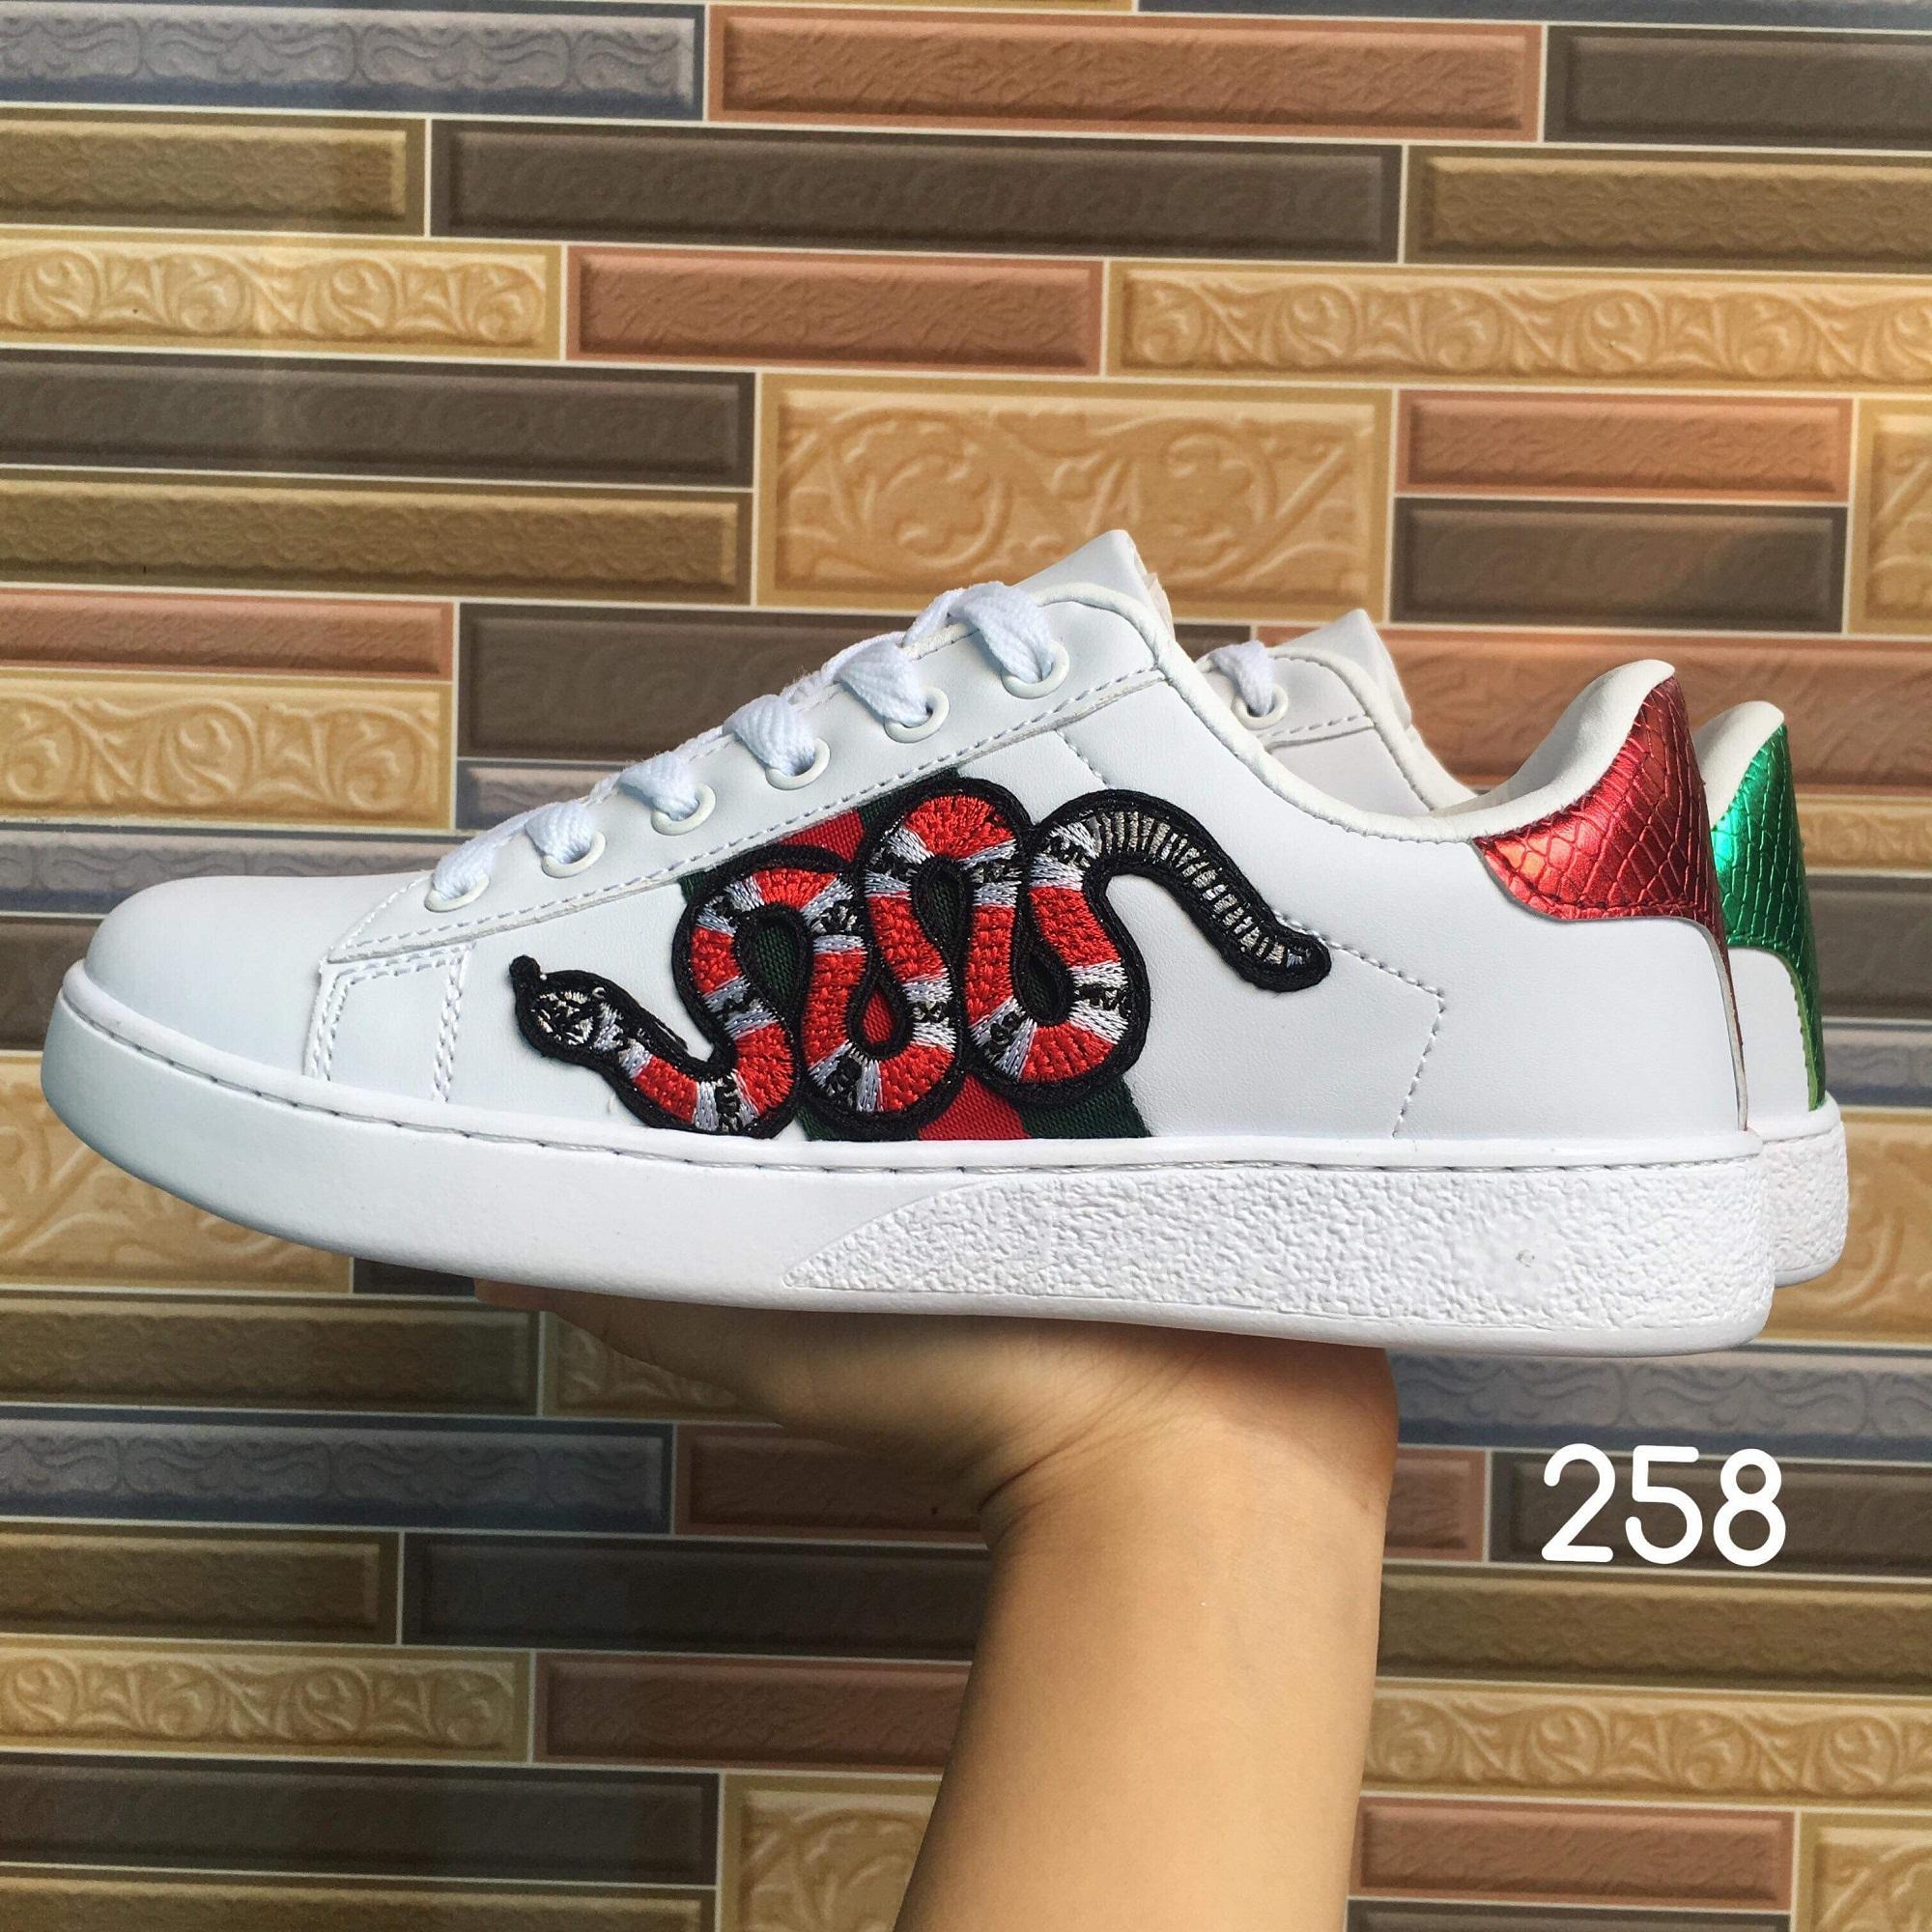 Hình ảnh Giày thể thao Gucci nam nữ fullbox